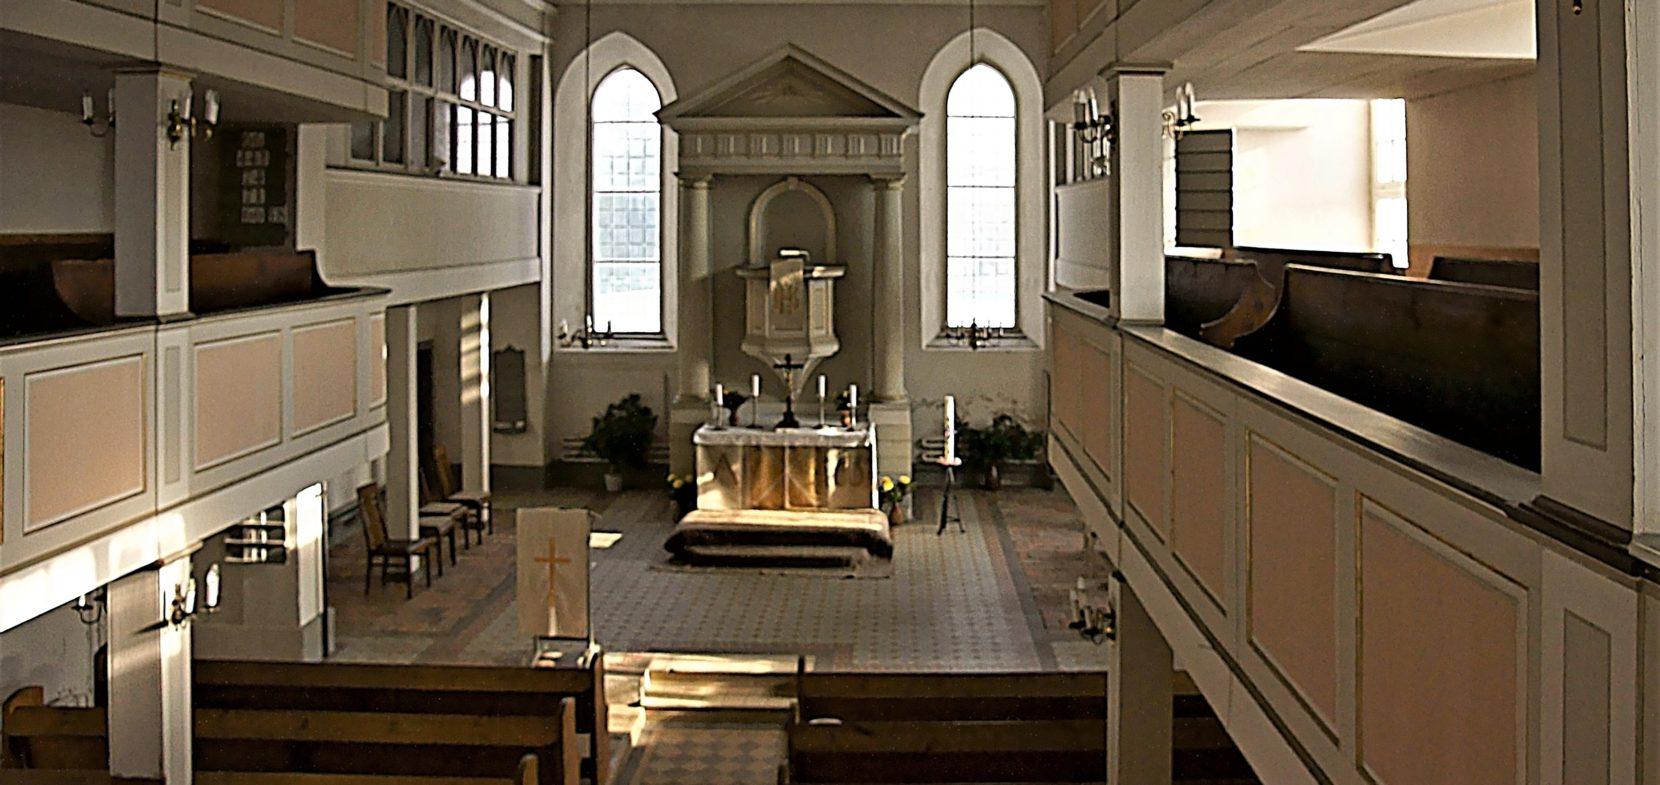 Ev.-Luth. Kirchgemeinde Baruth im Kirchspiel Gröditz